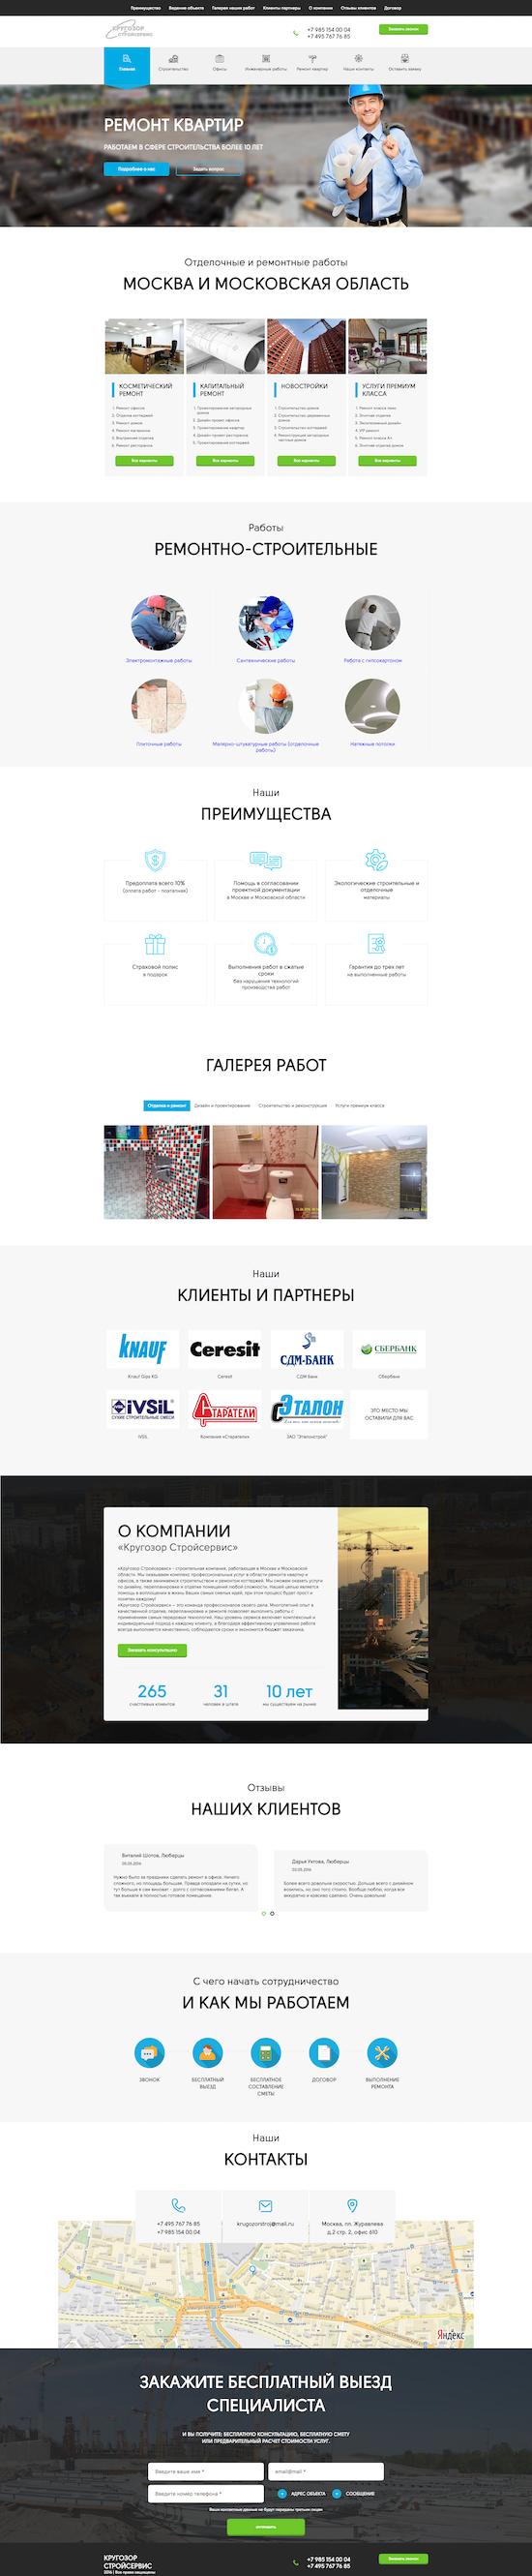 создание строительного сайта